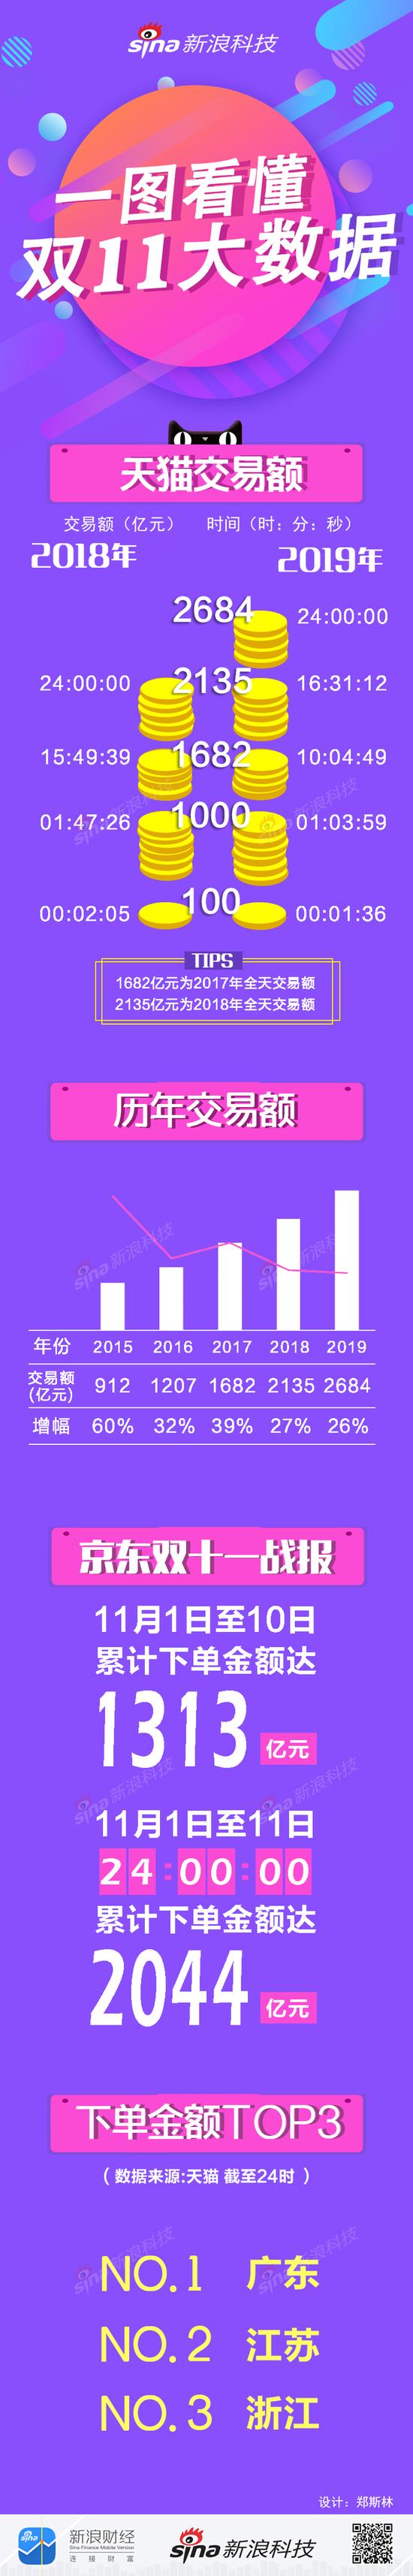 一圖看懂2019雙十一大數據:廣東省剁手最厲害